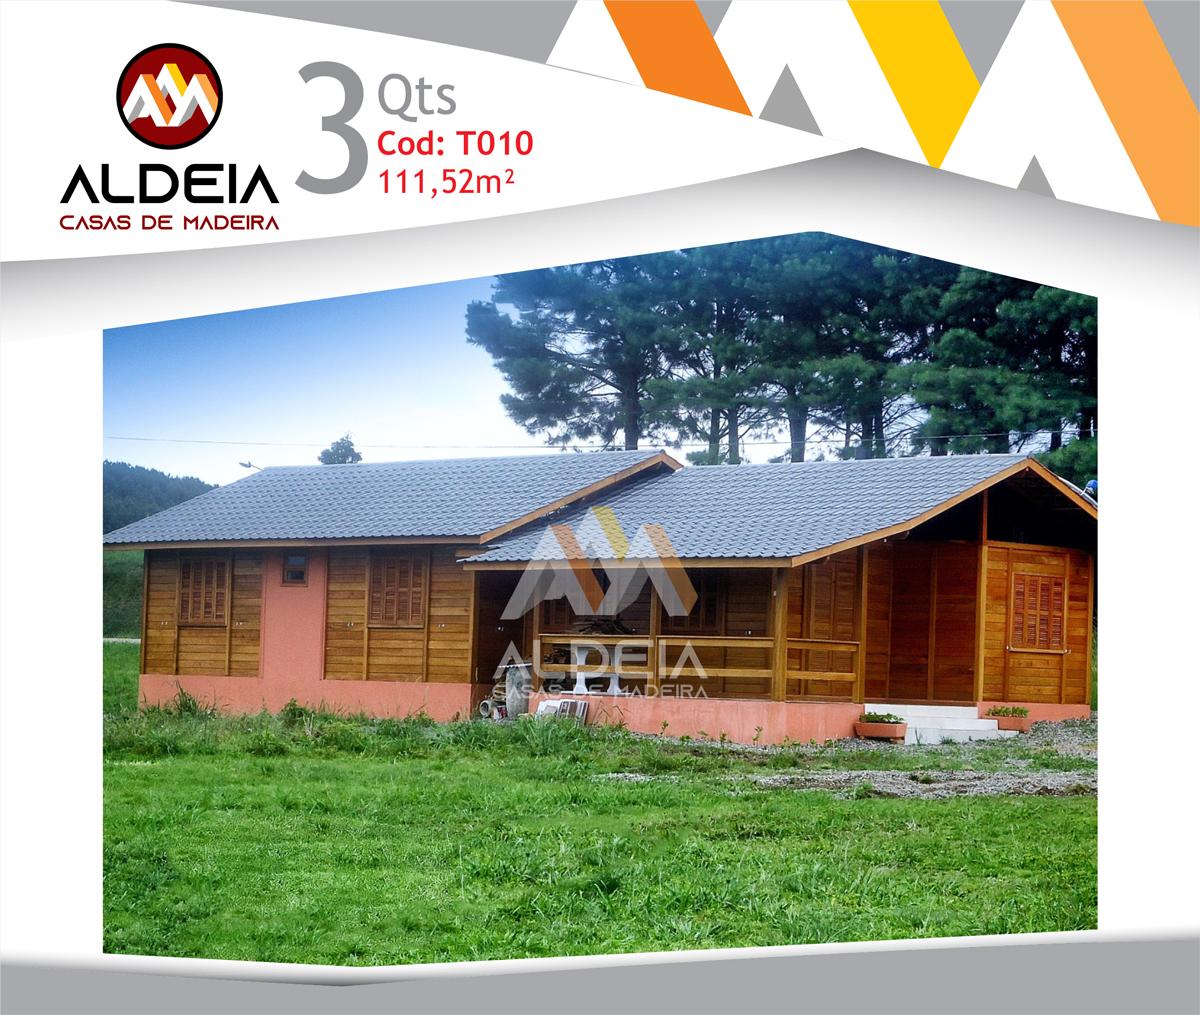 aldeia-casas-madeira-fachada-T010